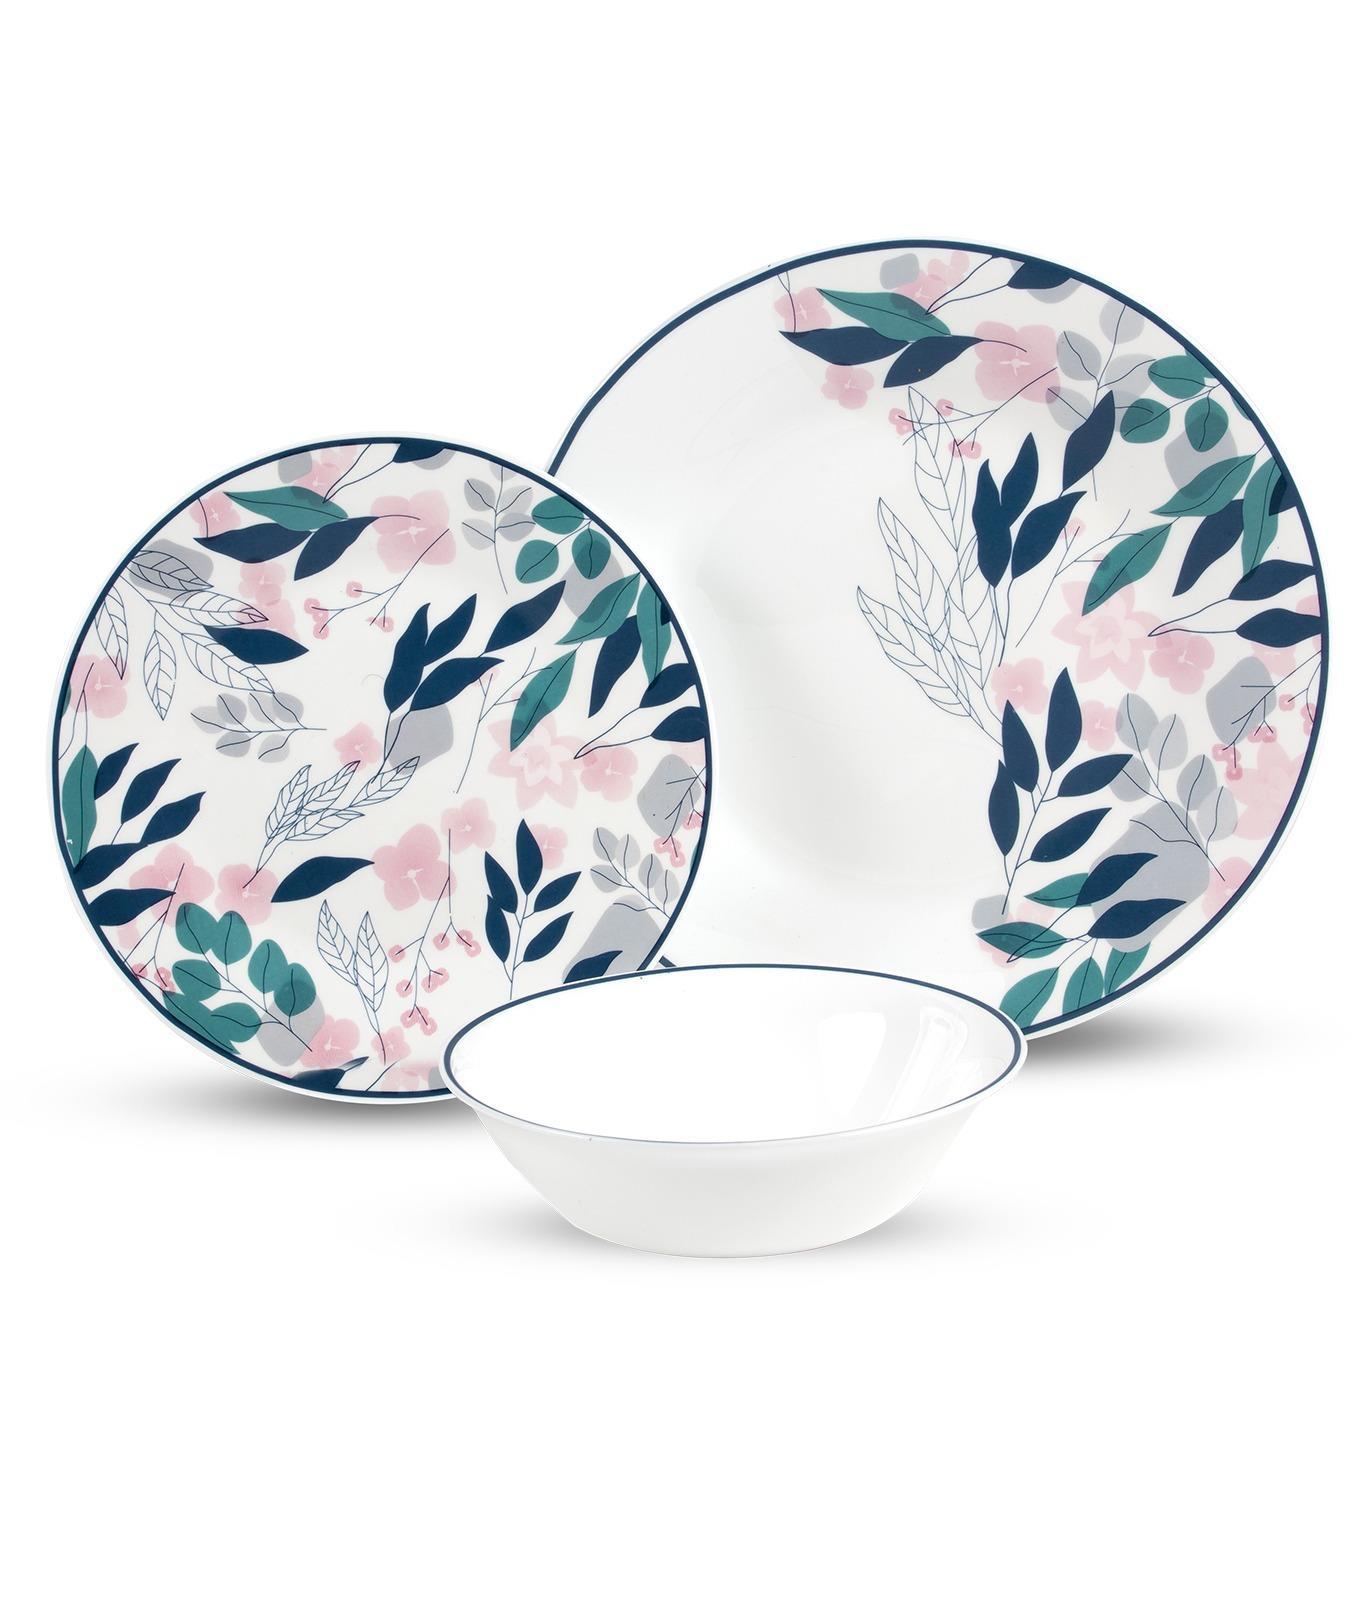 סט צלחות מעוטר מזכוכית אנטי צ'יפ 18 חלקים JAPANSES BLOSSOM מבית פוד אפיל (Food Appeal), 18 חלקים